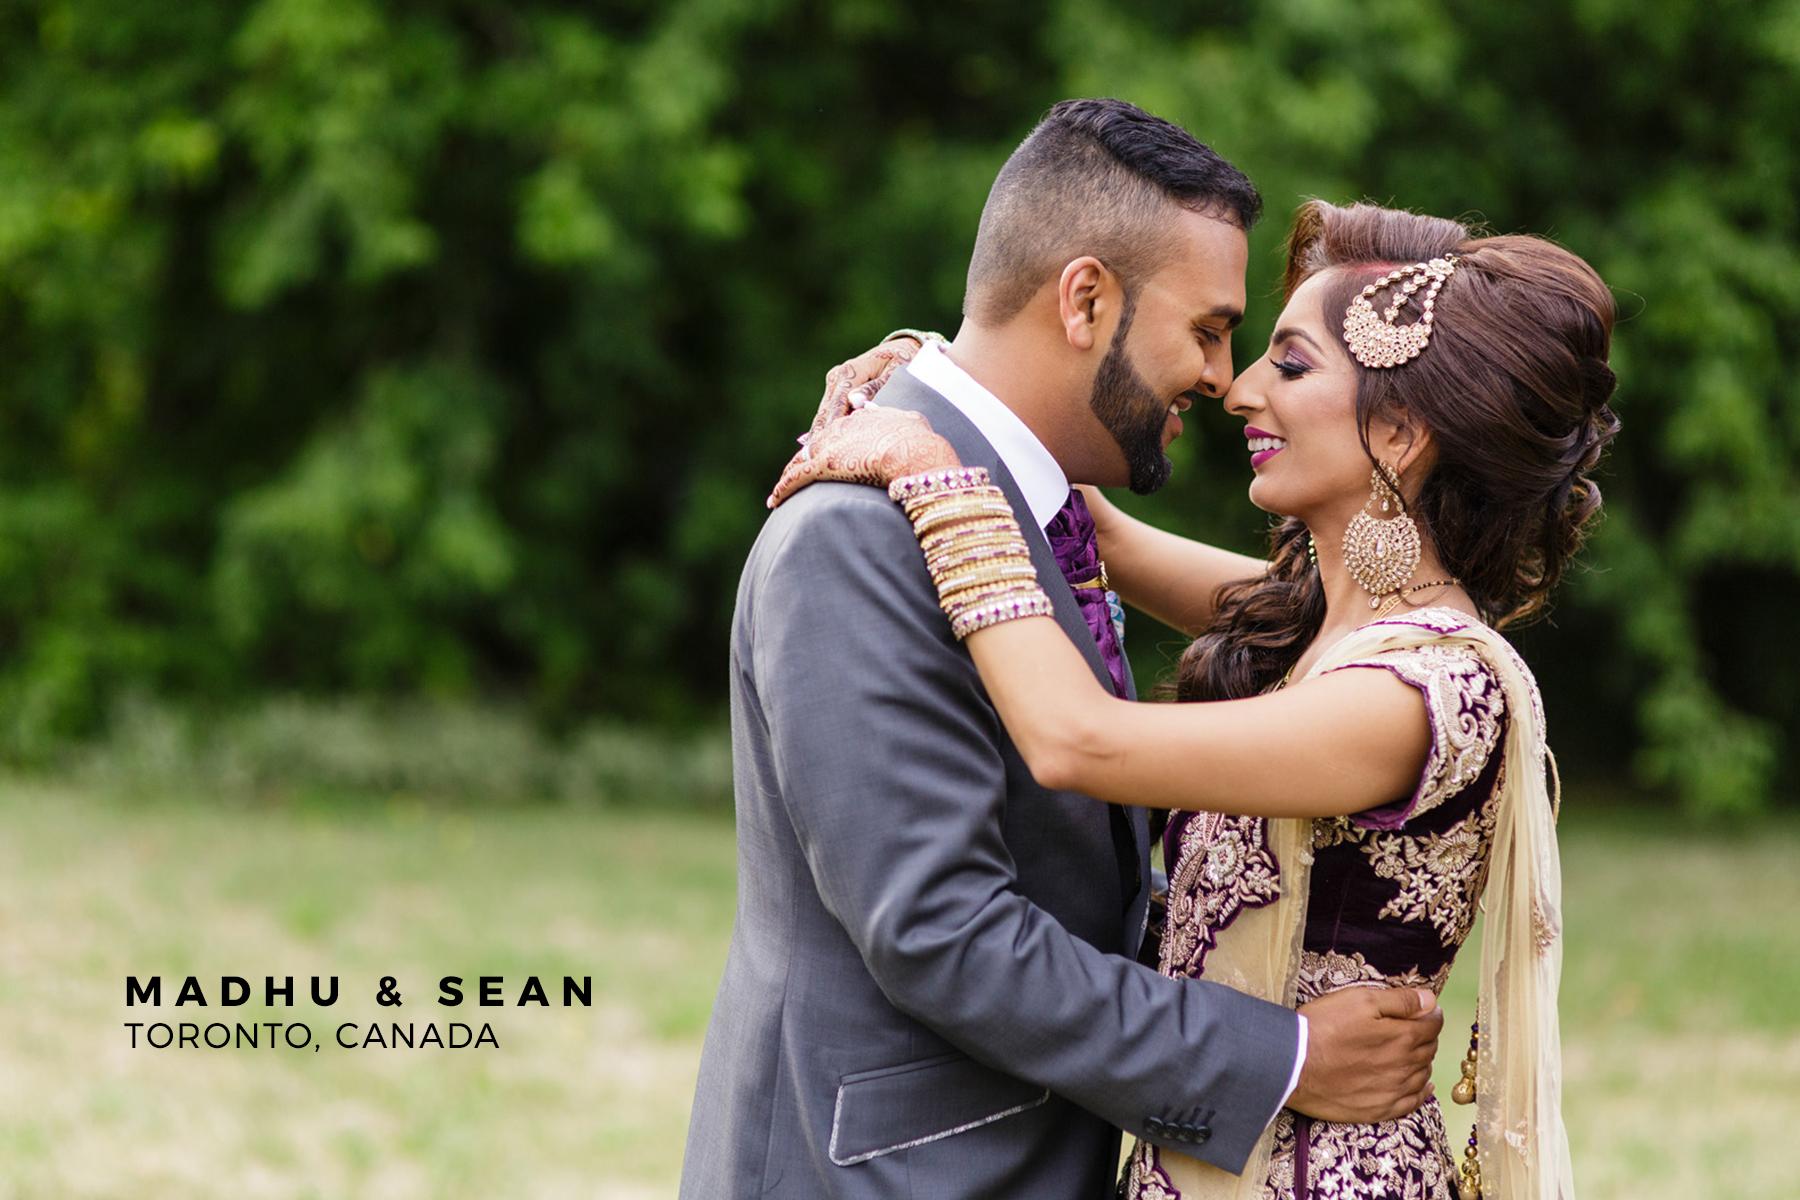 Madhu and Sean